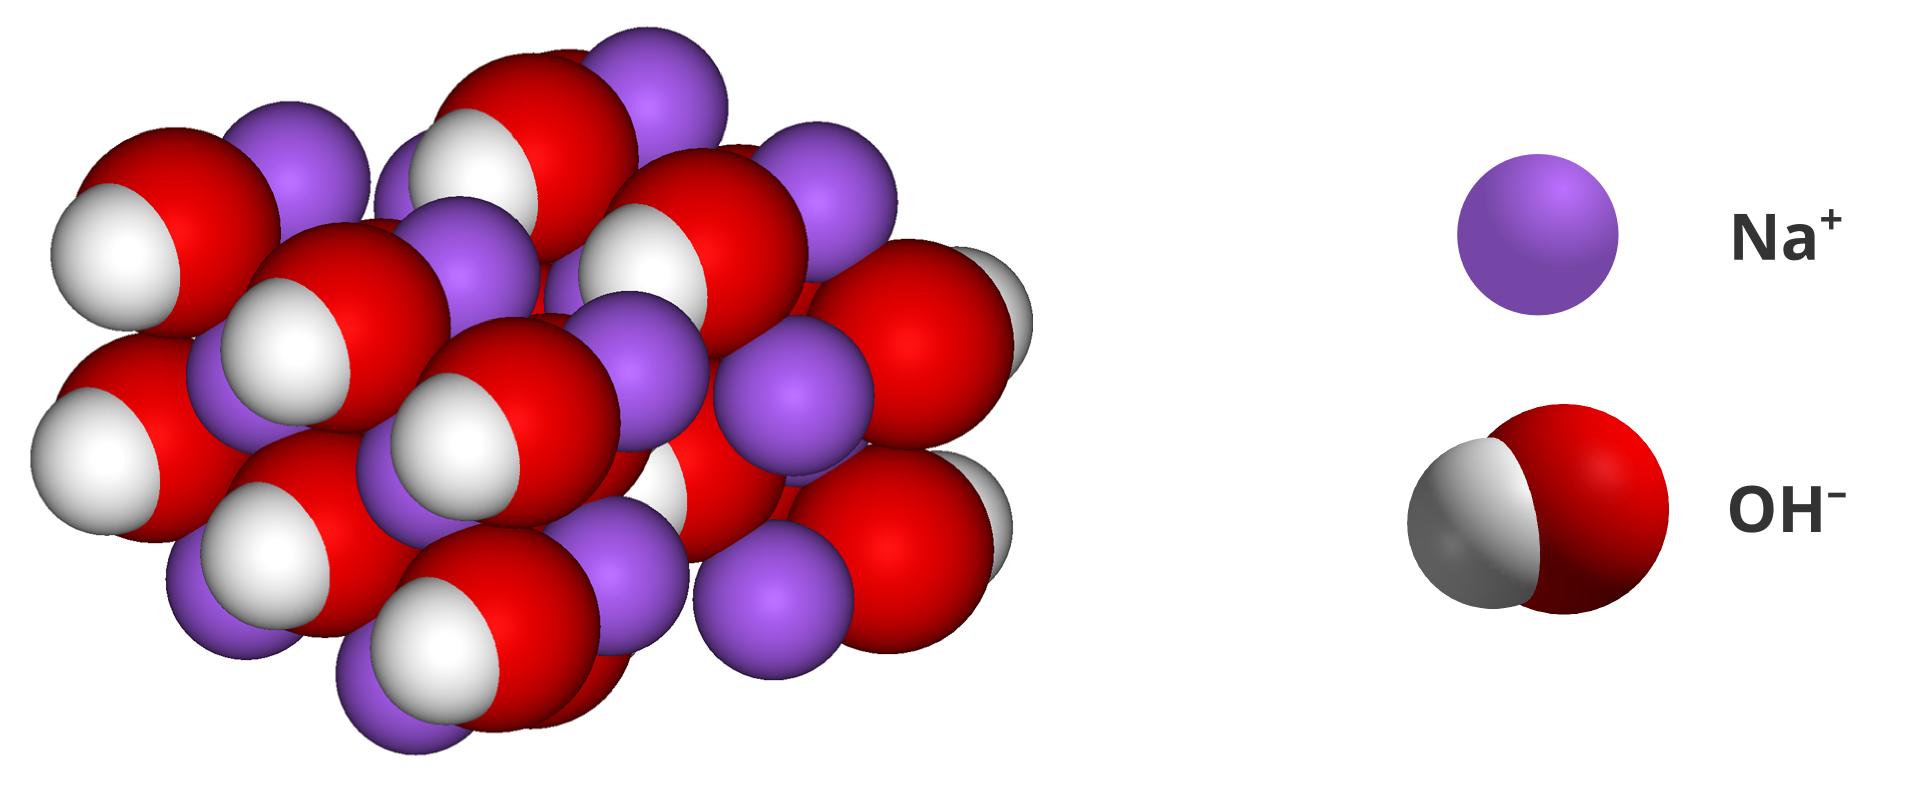 Ilustracja przedstawia graficzny model budowy wodorotlenków na przykładzie wodorotlenku sodu. Po prawej stronie legenda: średnie fioletowe kulki to kationy sodu Na plus. Pary dużych czerwonych kulek oraz małych białych kulek to aniony wodorotlenowe OH minus. Po lewej stronie rysunek sieci krystalicznej zbudowanej ztych jonów. Kationy sodu ianiony wodorotlenowe wymieszane wrównych proporcjach imocno upakowane tworzą jedno ciało stałe.